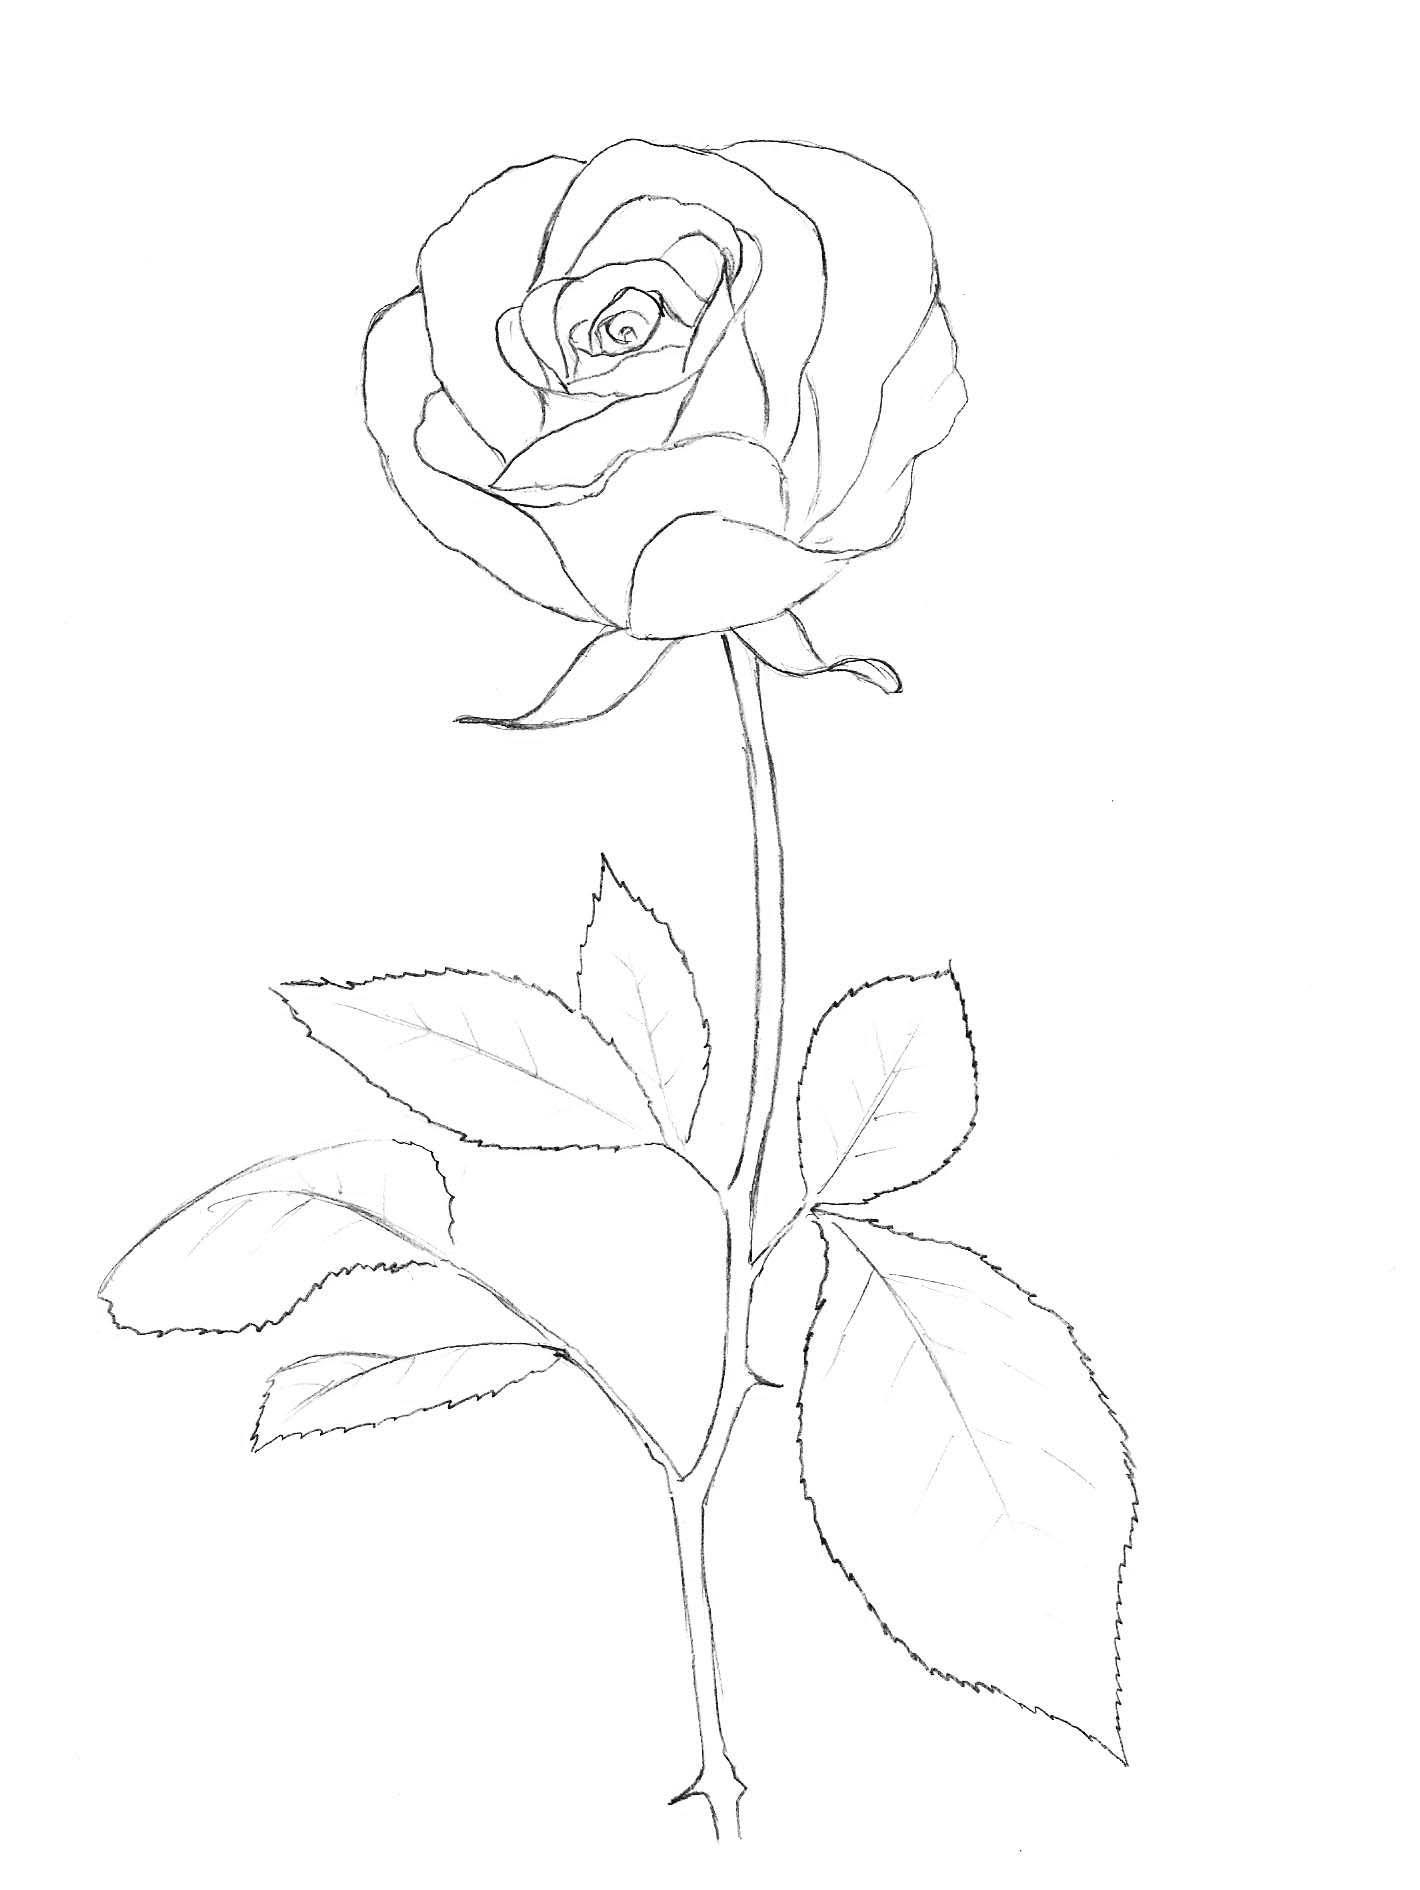 Контур цветка розы Раскраски с цветами распечатать бесплатно